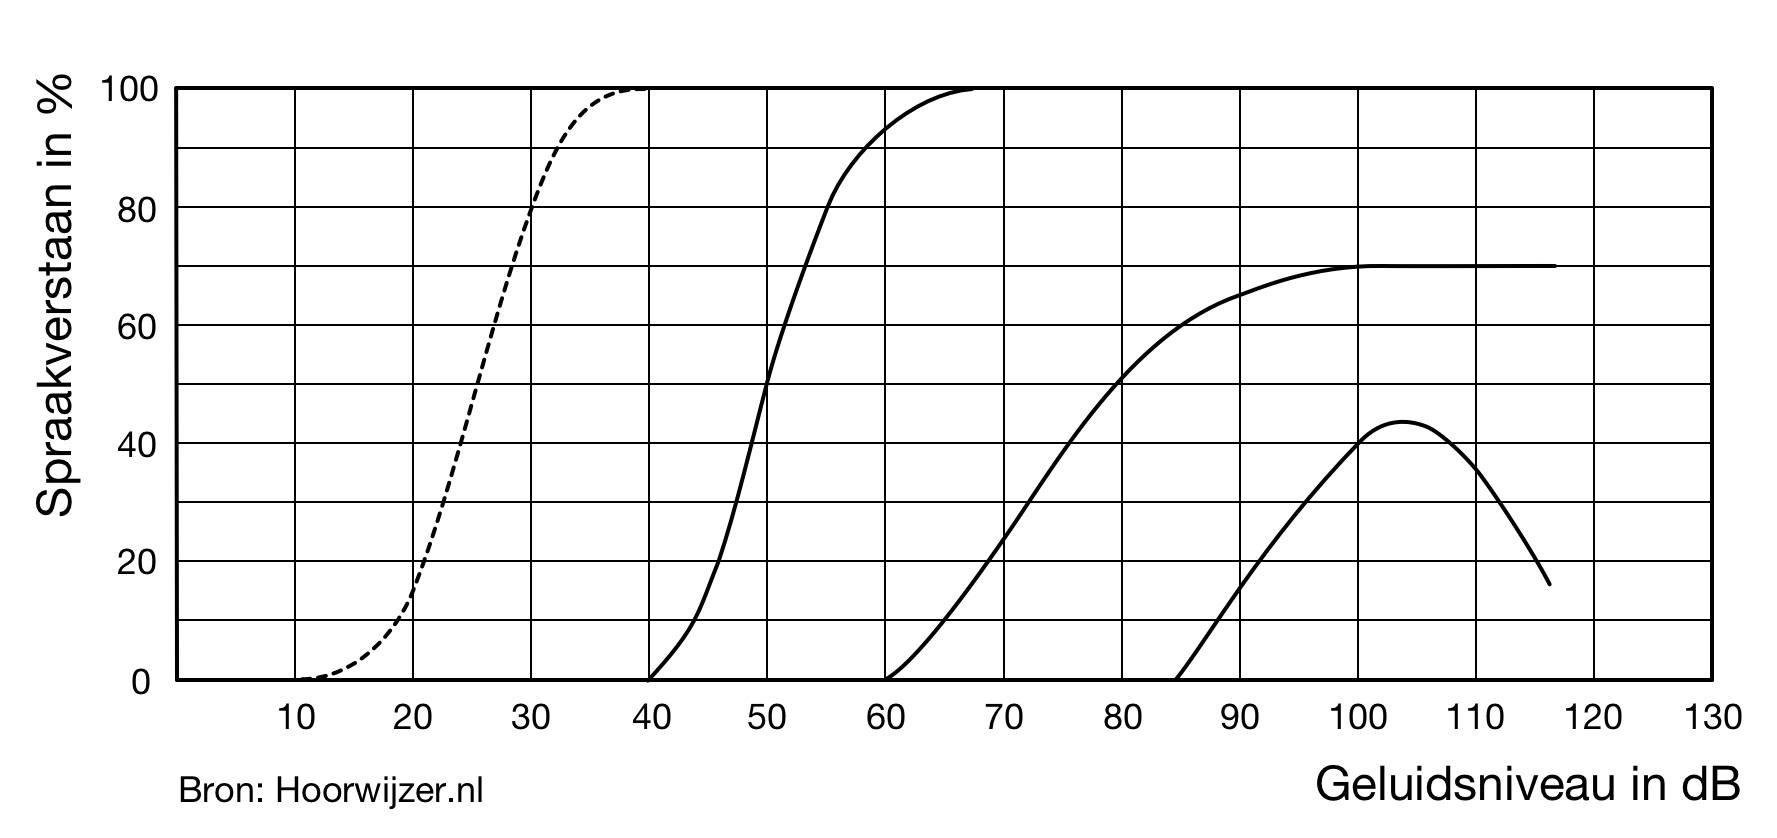 In het spraakaudiogram kan je zien hoeveel % van de woorden jij kan verstaan bij verschillende geluidsniveaus